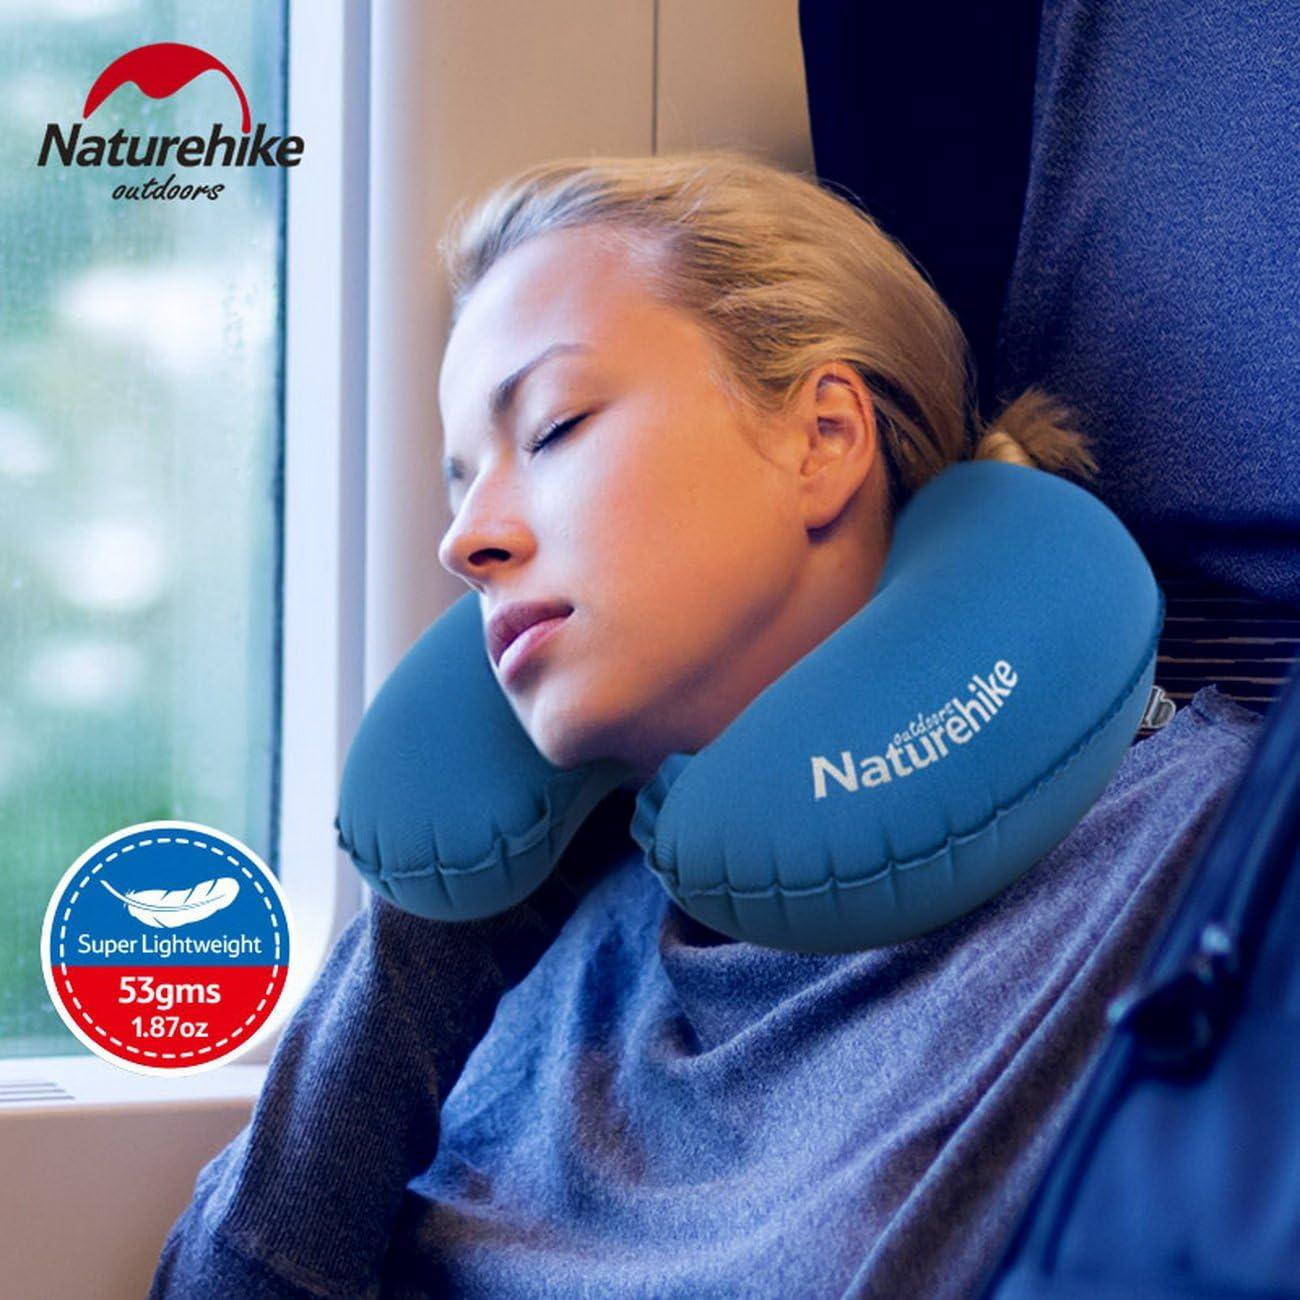 Naturehike Cuscino da Viaggio Portatile Pieghevole Air Cuscino Gonfiabile Ultral Luce Necessit� Viaggi NH17T011-U